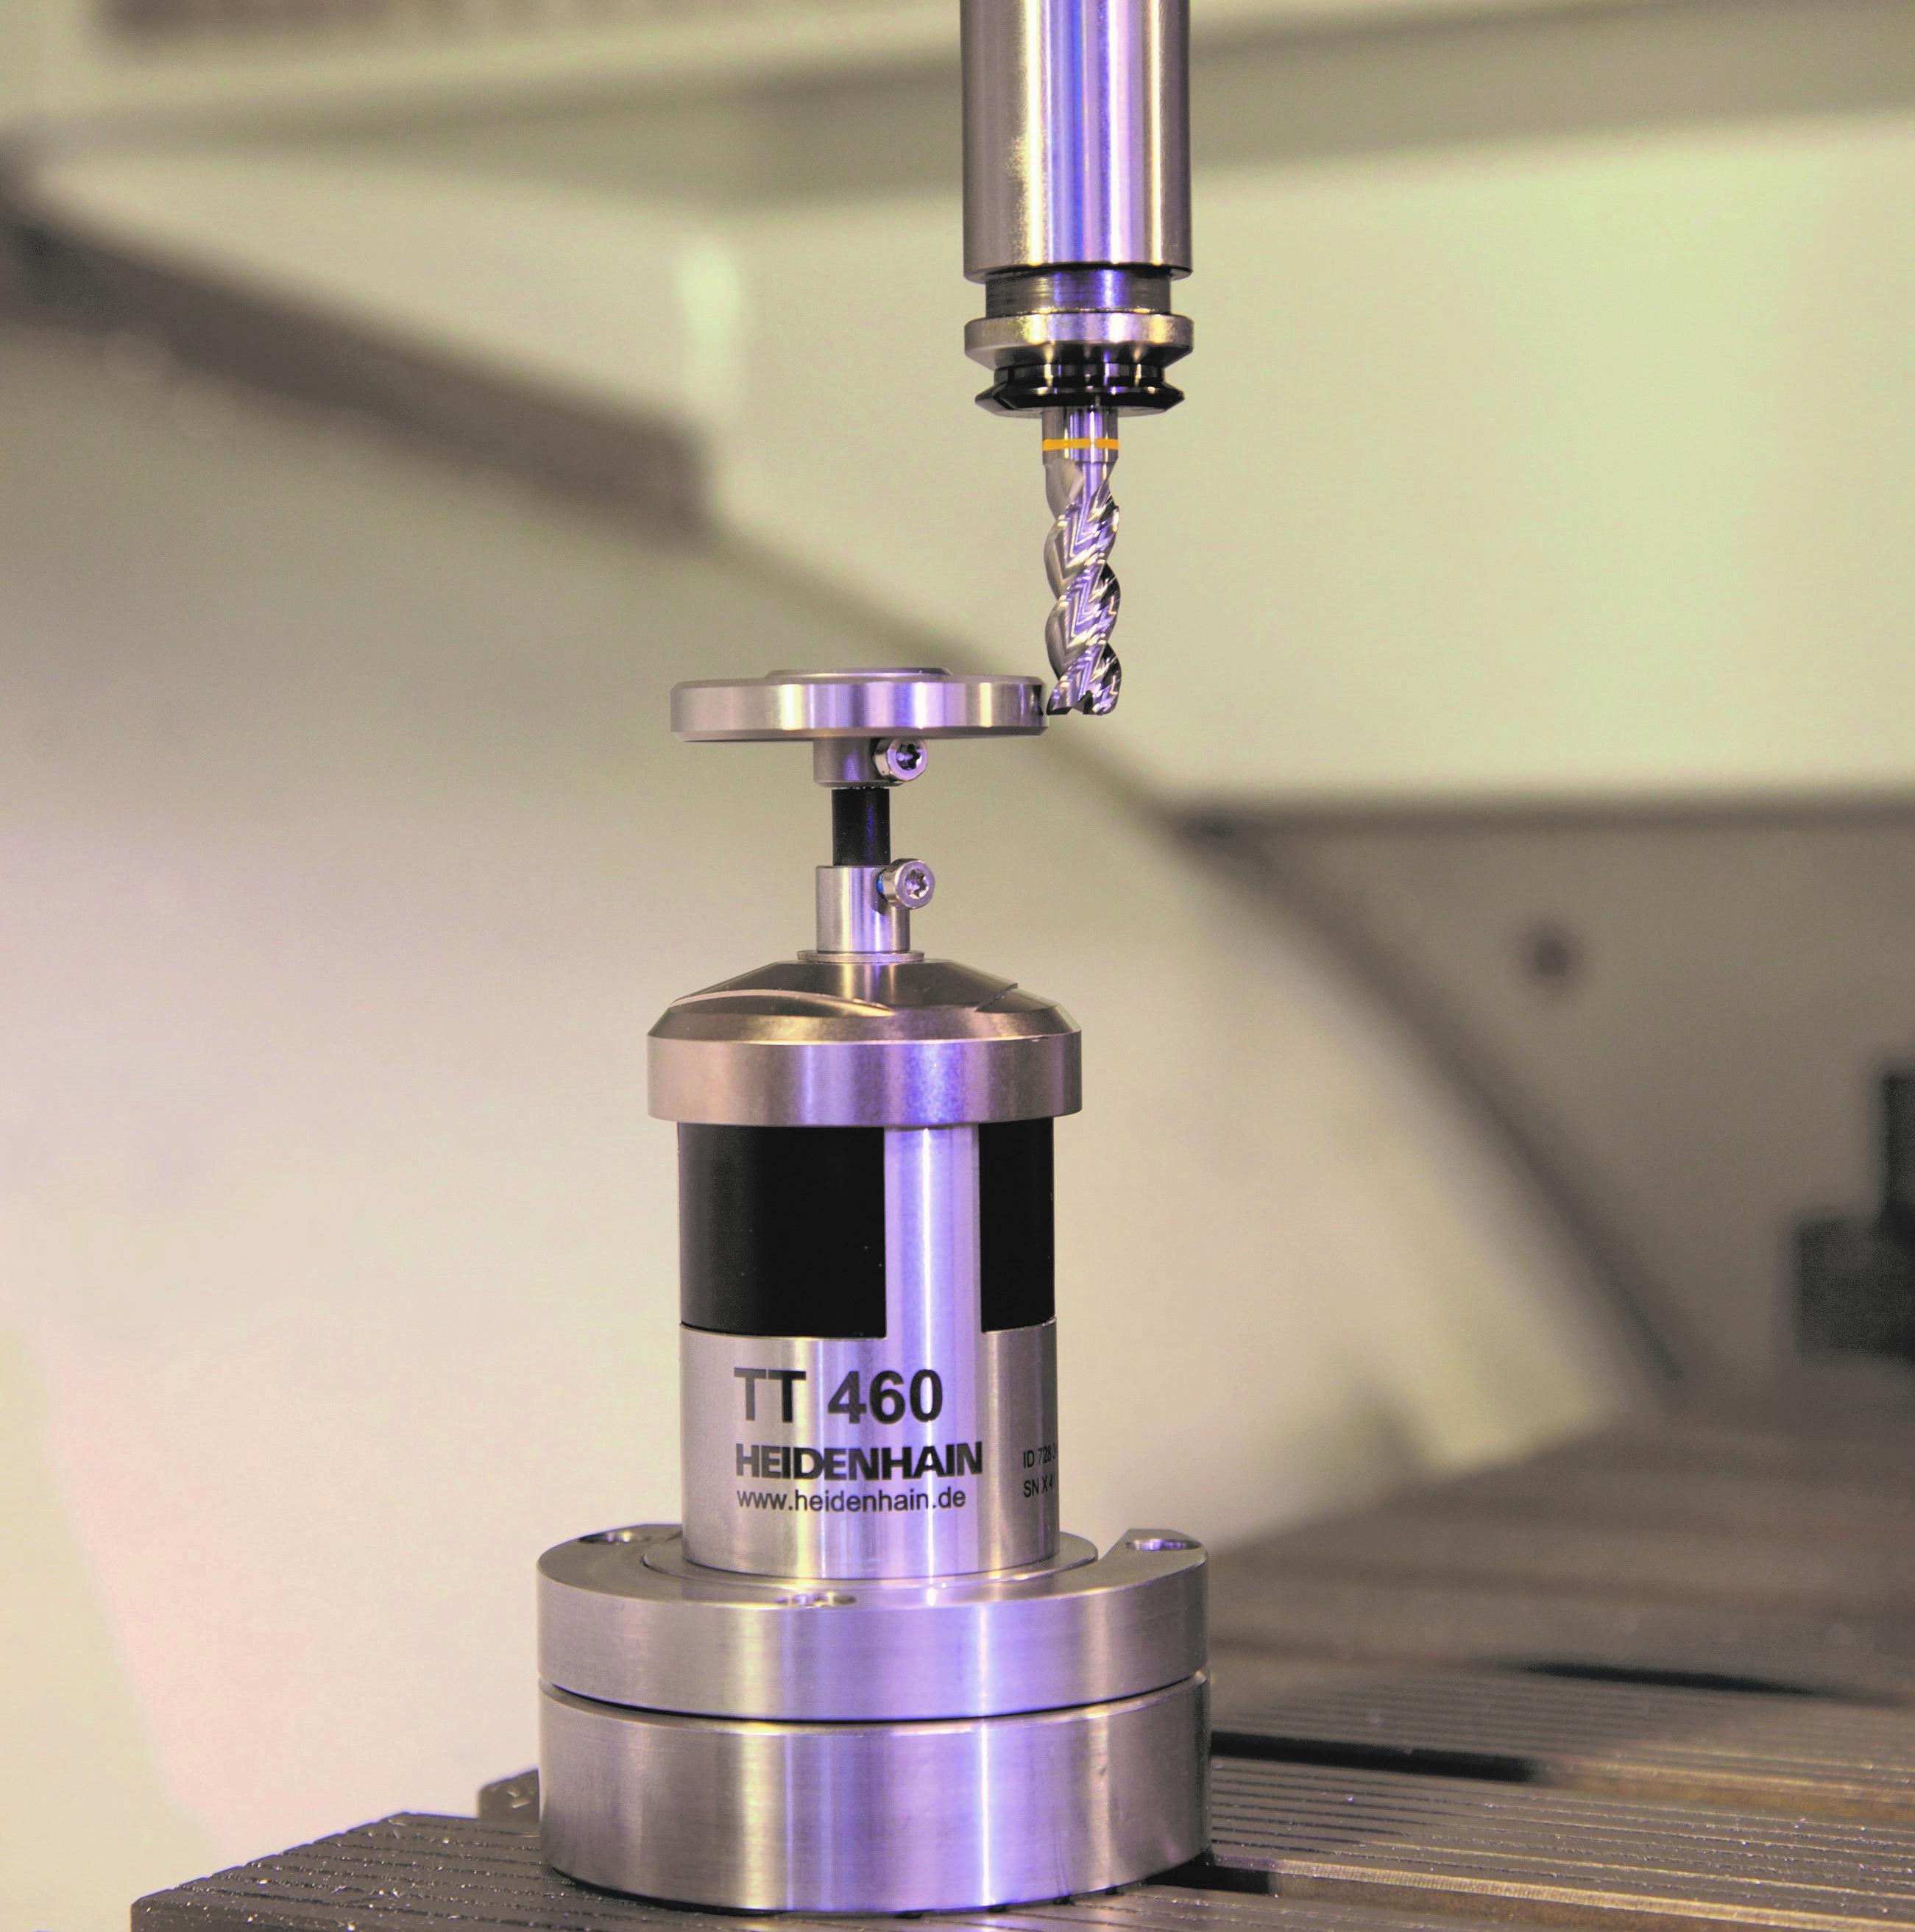 Palpeur outils TT460 HEIDENHAIN